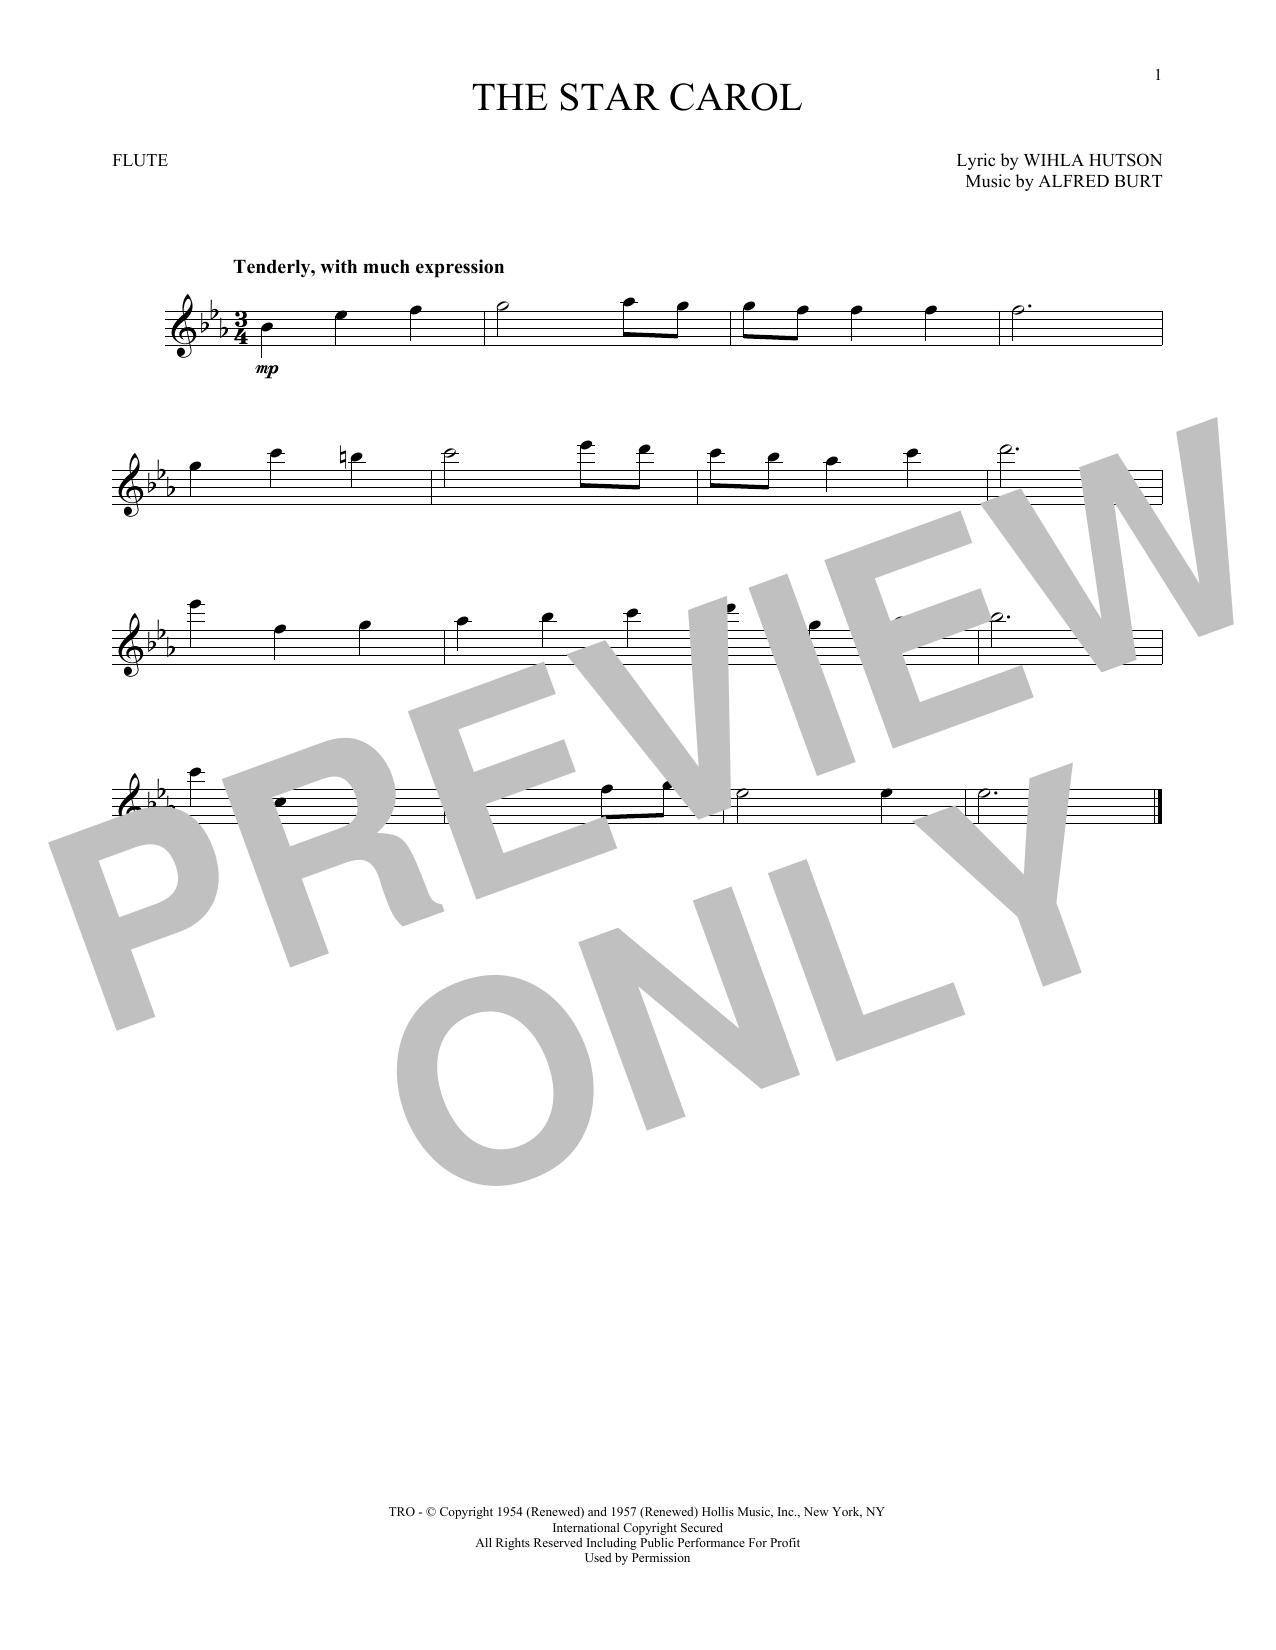 The Star Carol (Flute Solo)